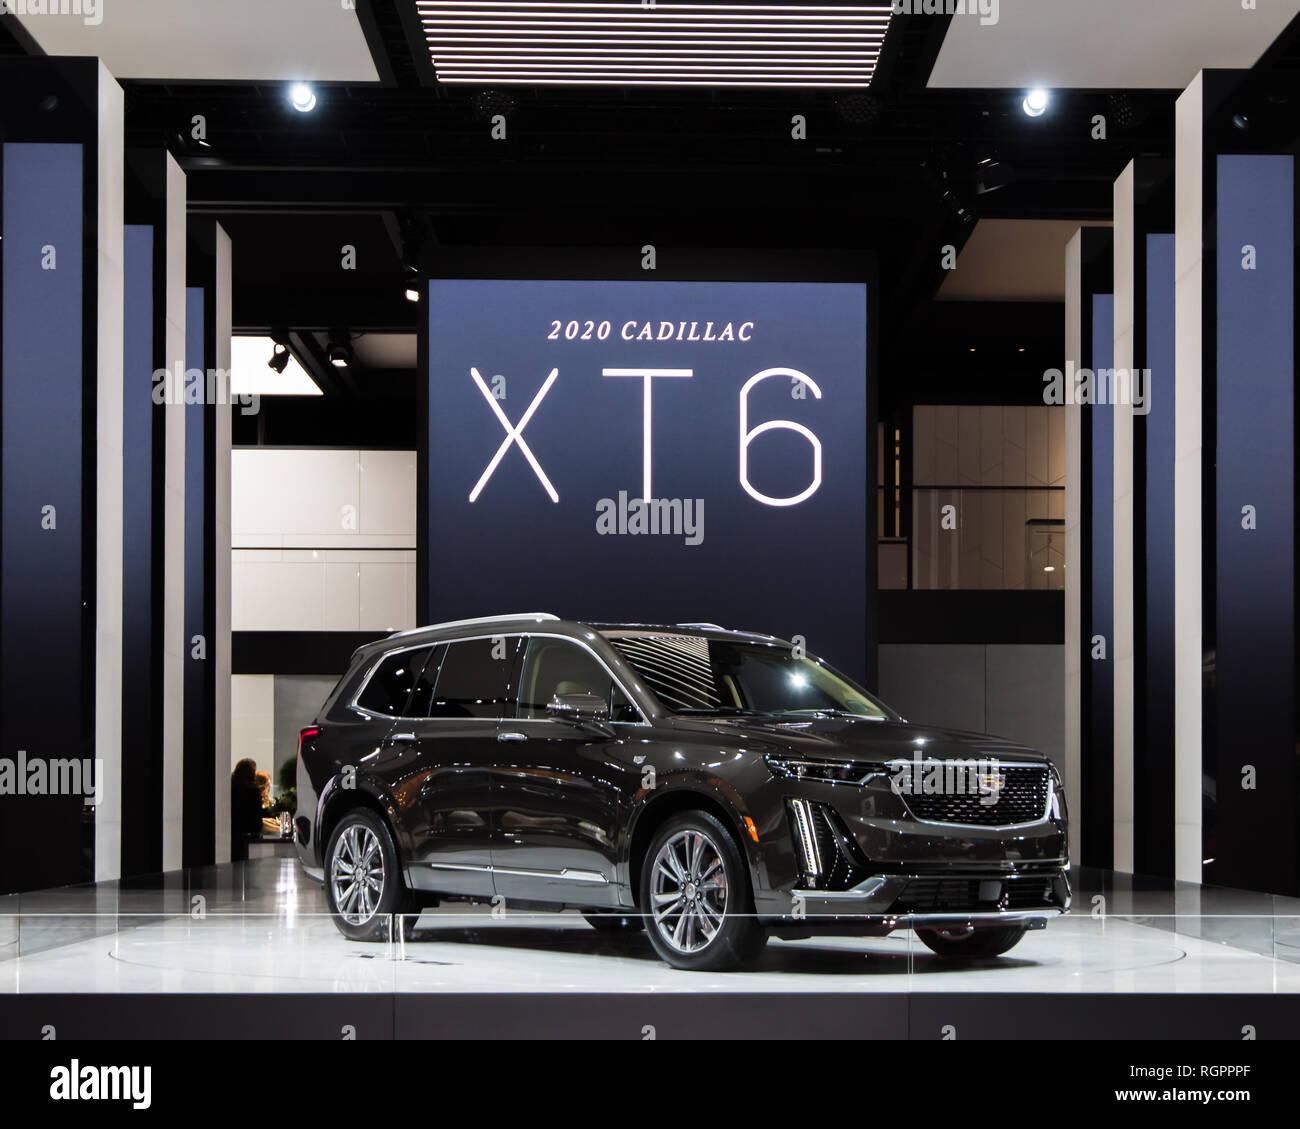 JANUARY 15, 2019: A 2020 Cadillac XT6